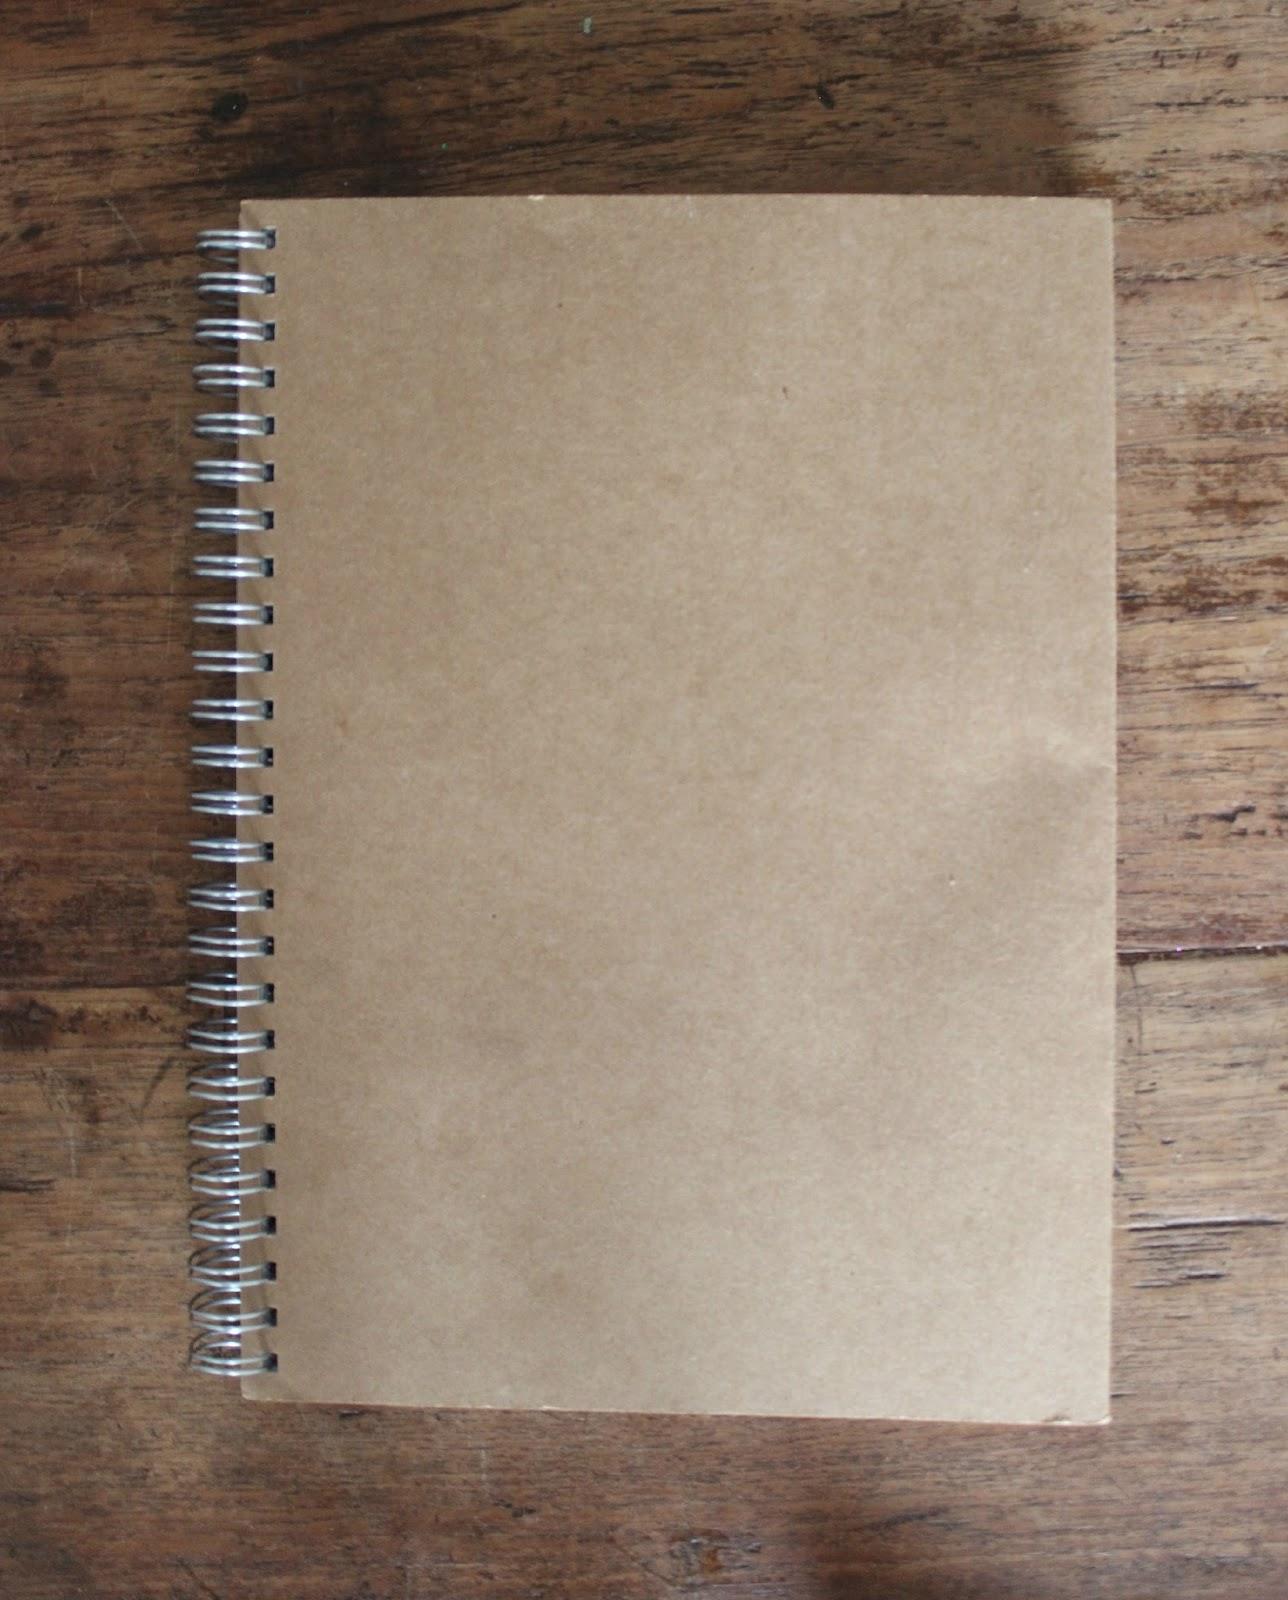 Hema scarpbook